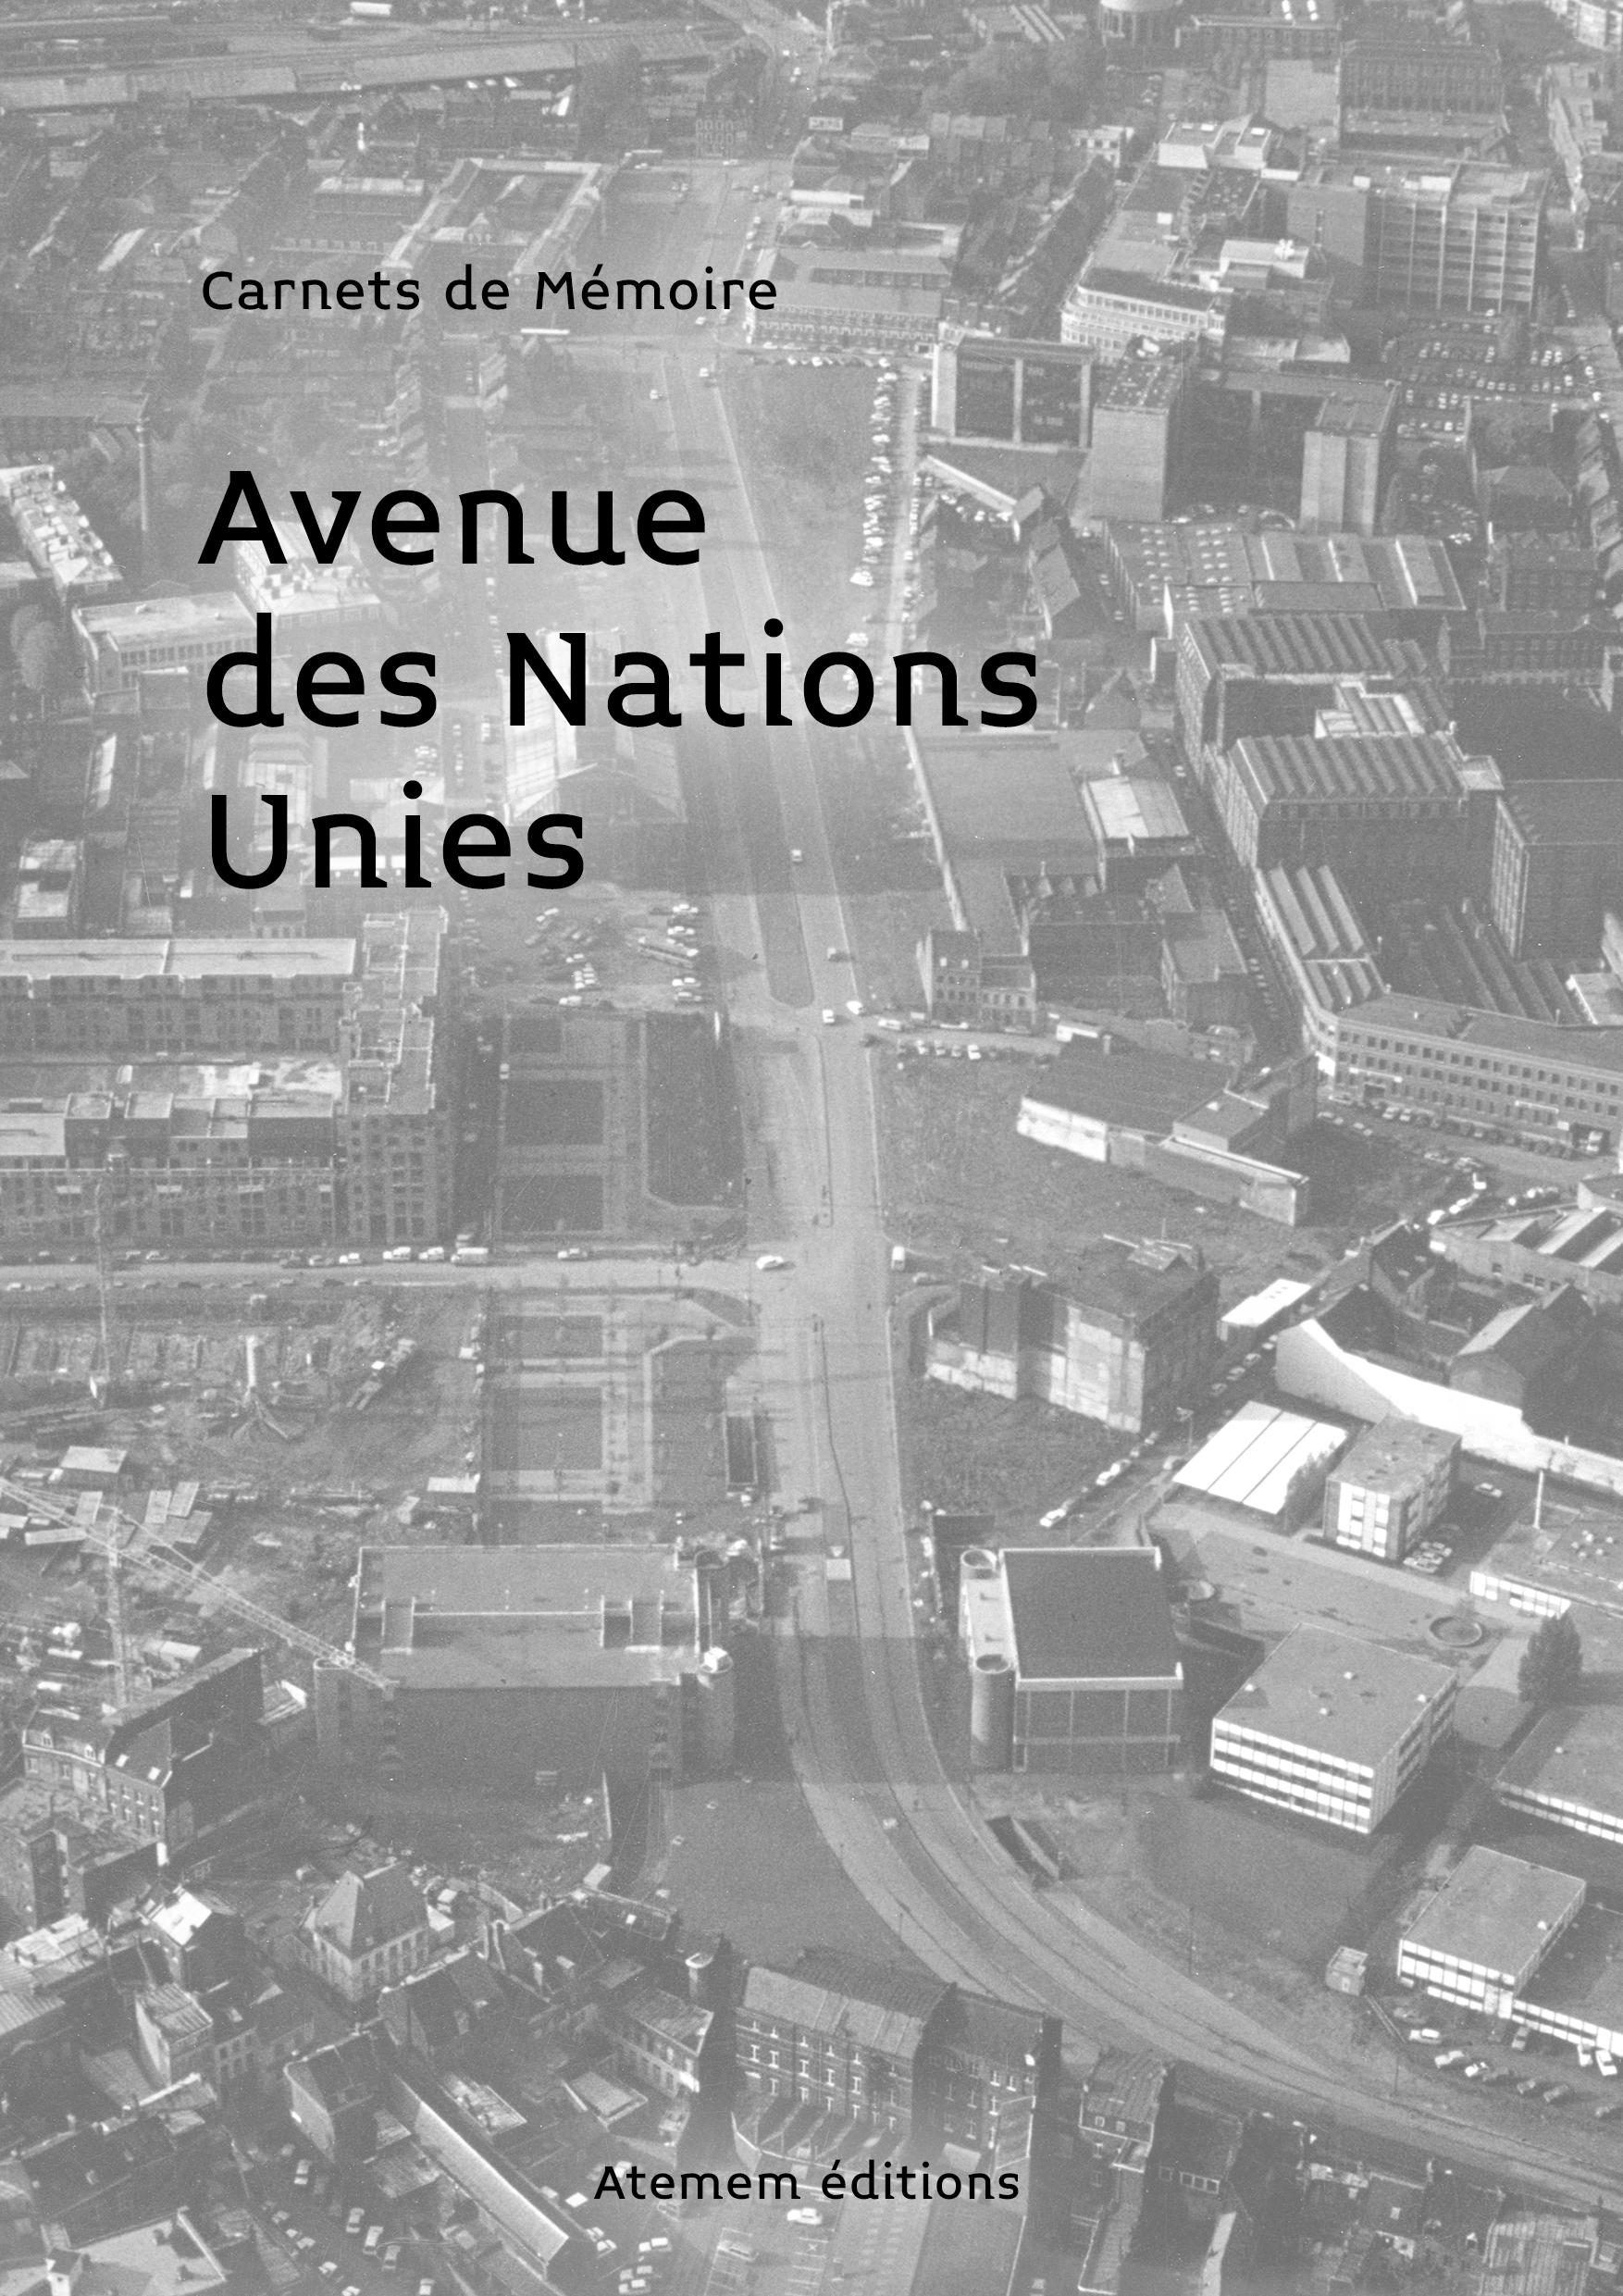 Avenue des Nations Unies